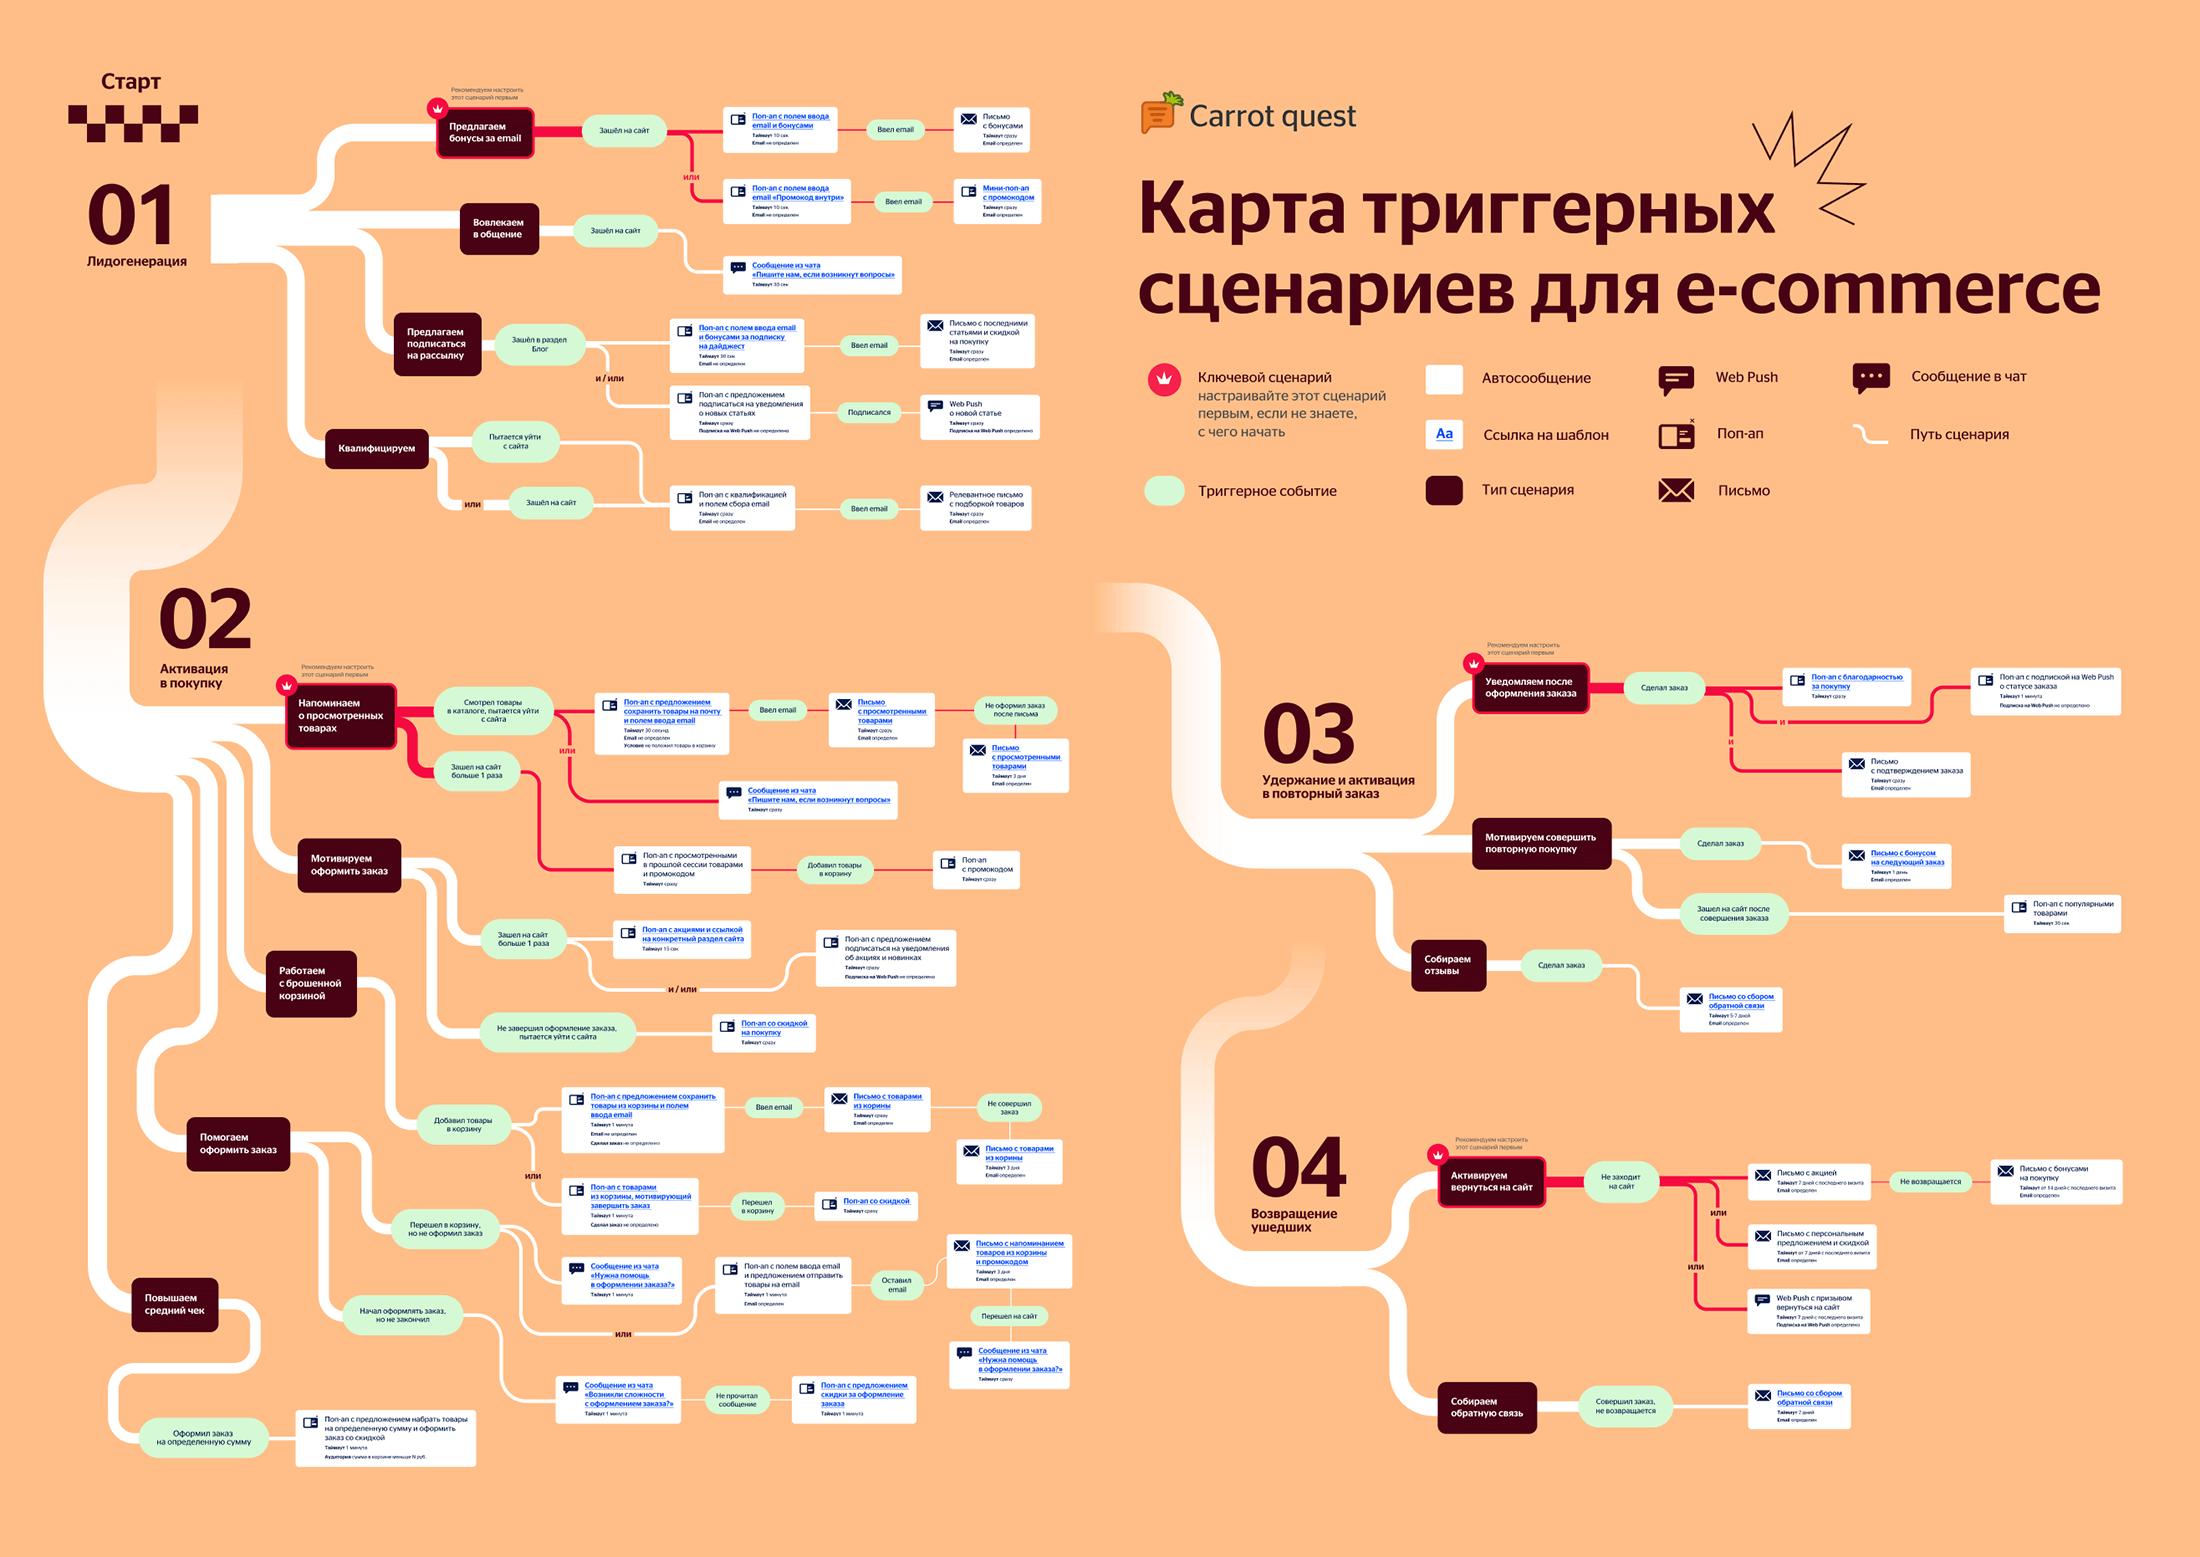 Карта триггерных сценариев для e-commerce